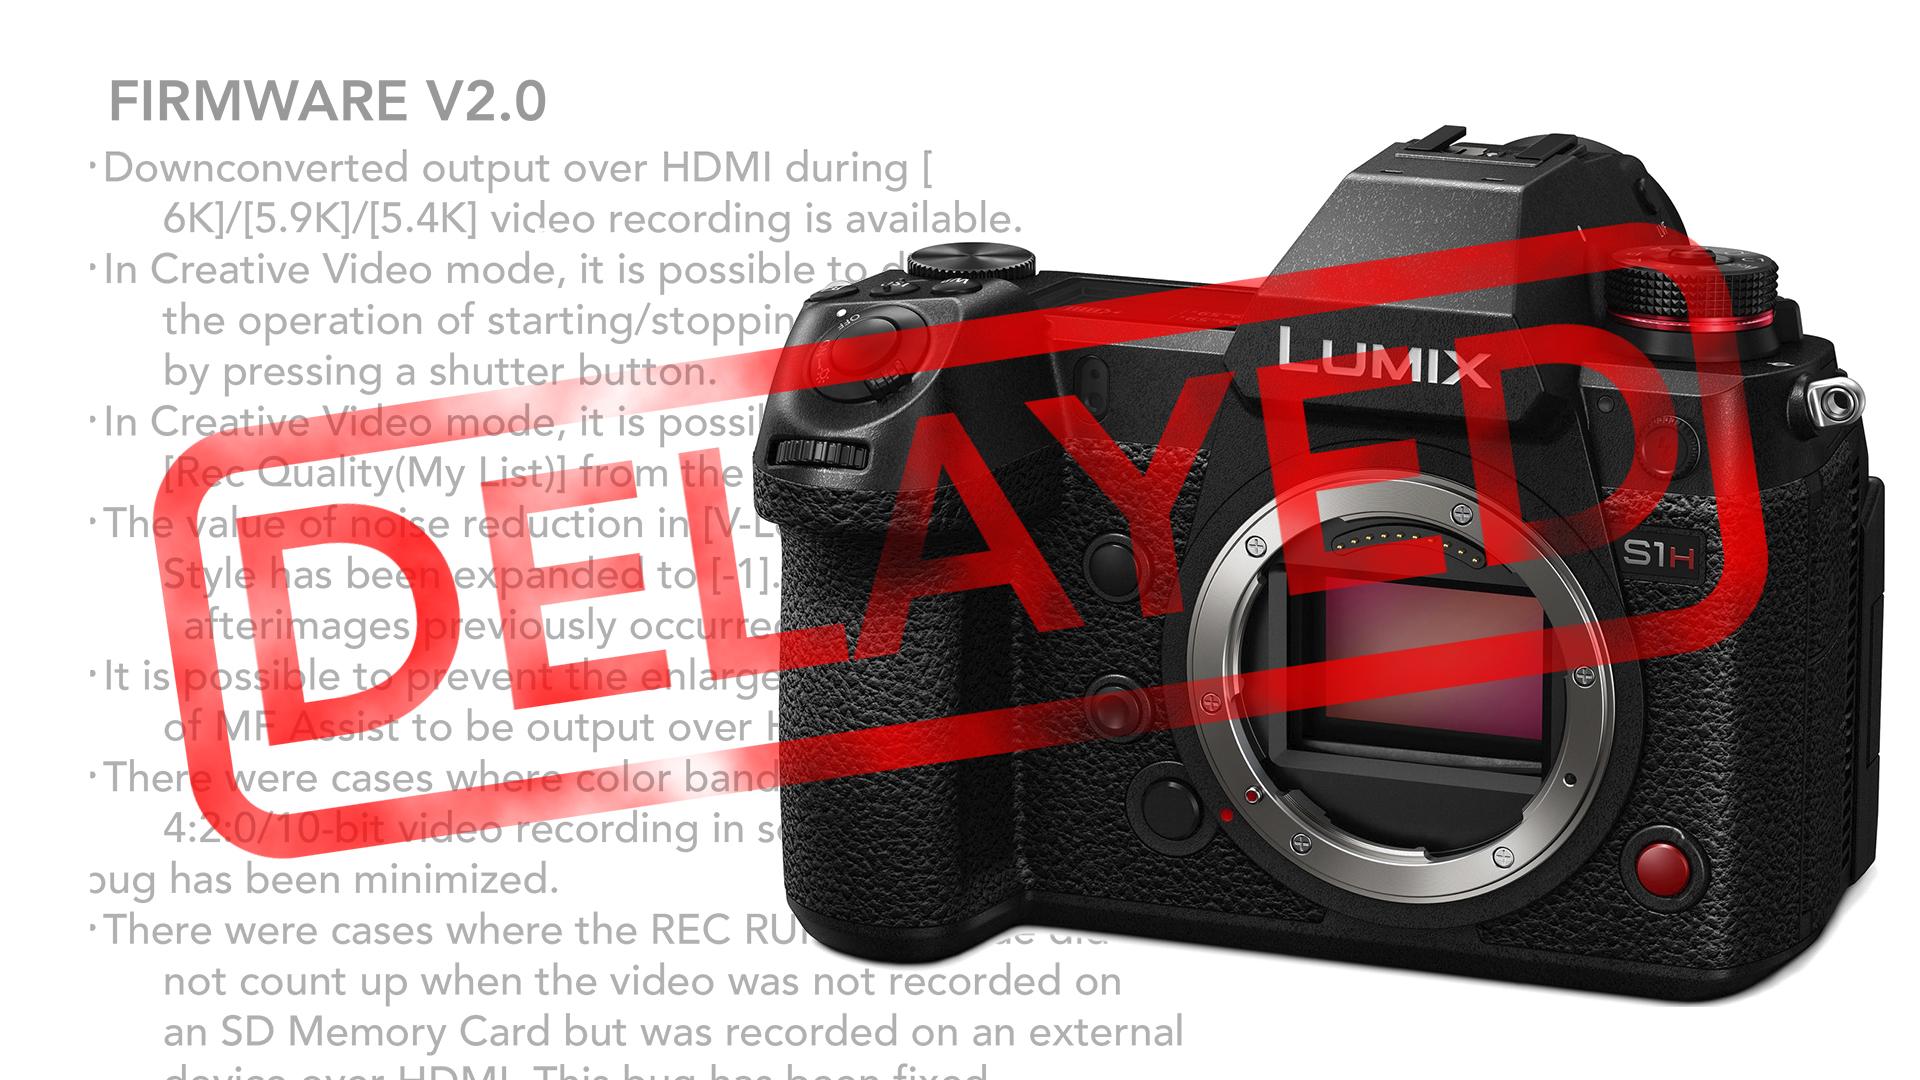 Retrasaron la salida de video RAW para la Panasonic S1H – Continúa la espera por la actualización del firmware 2.0